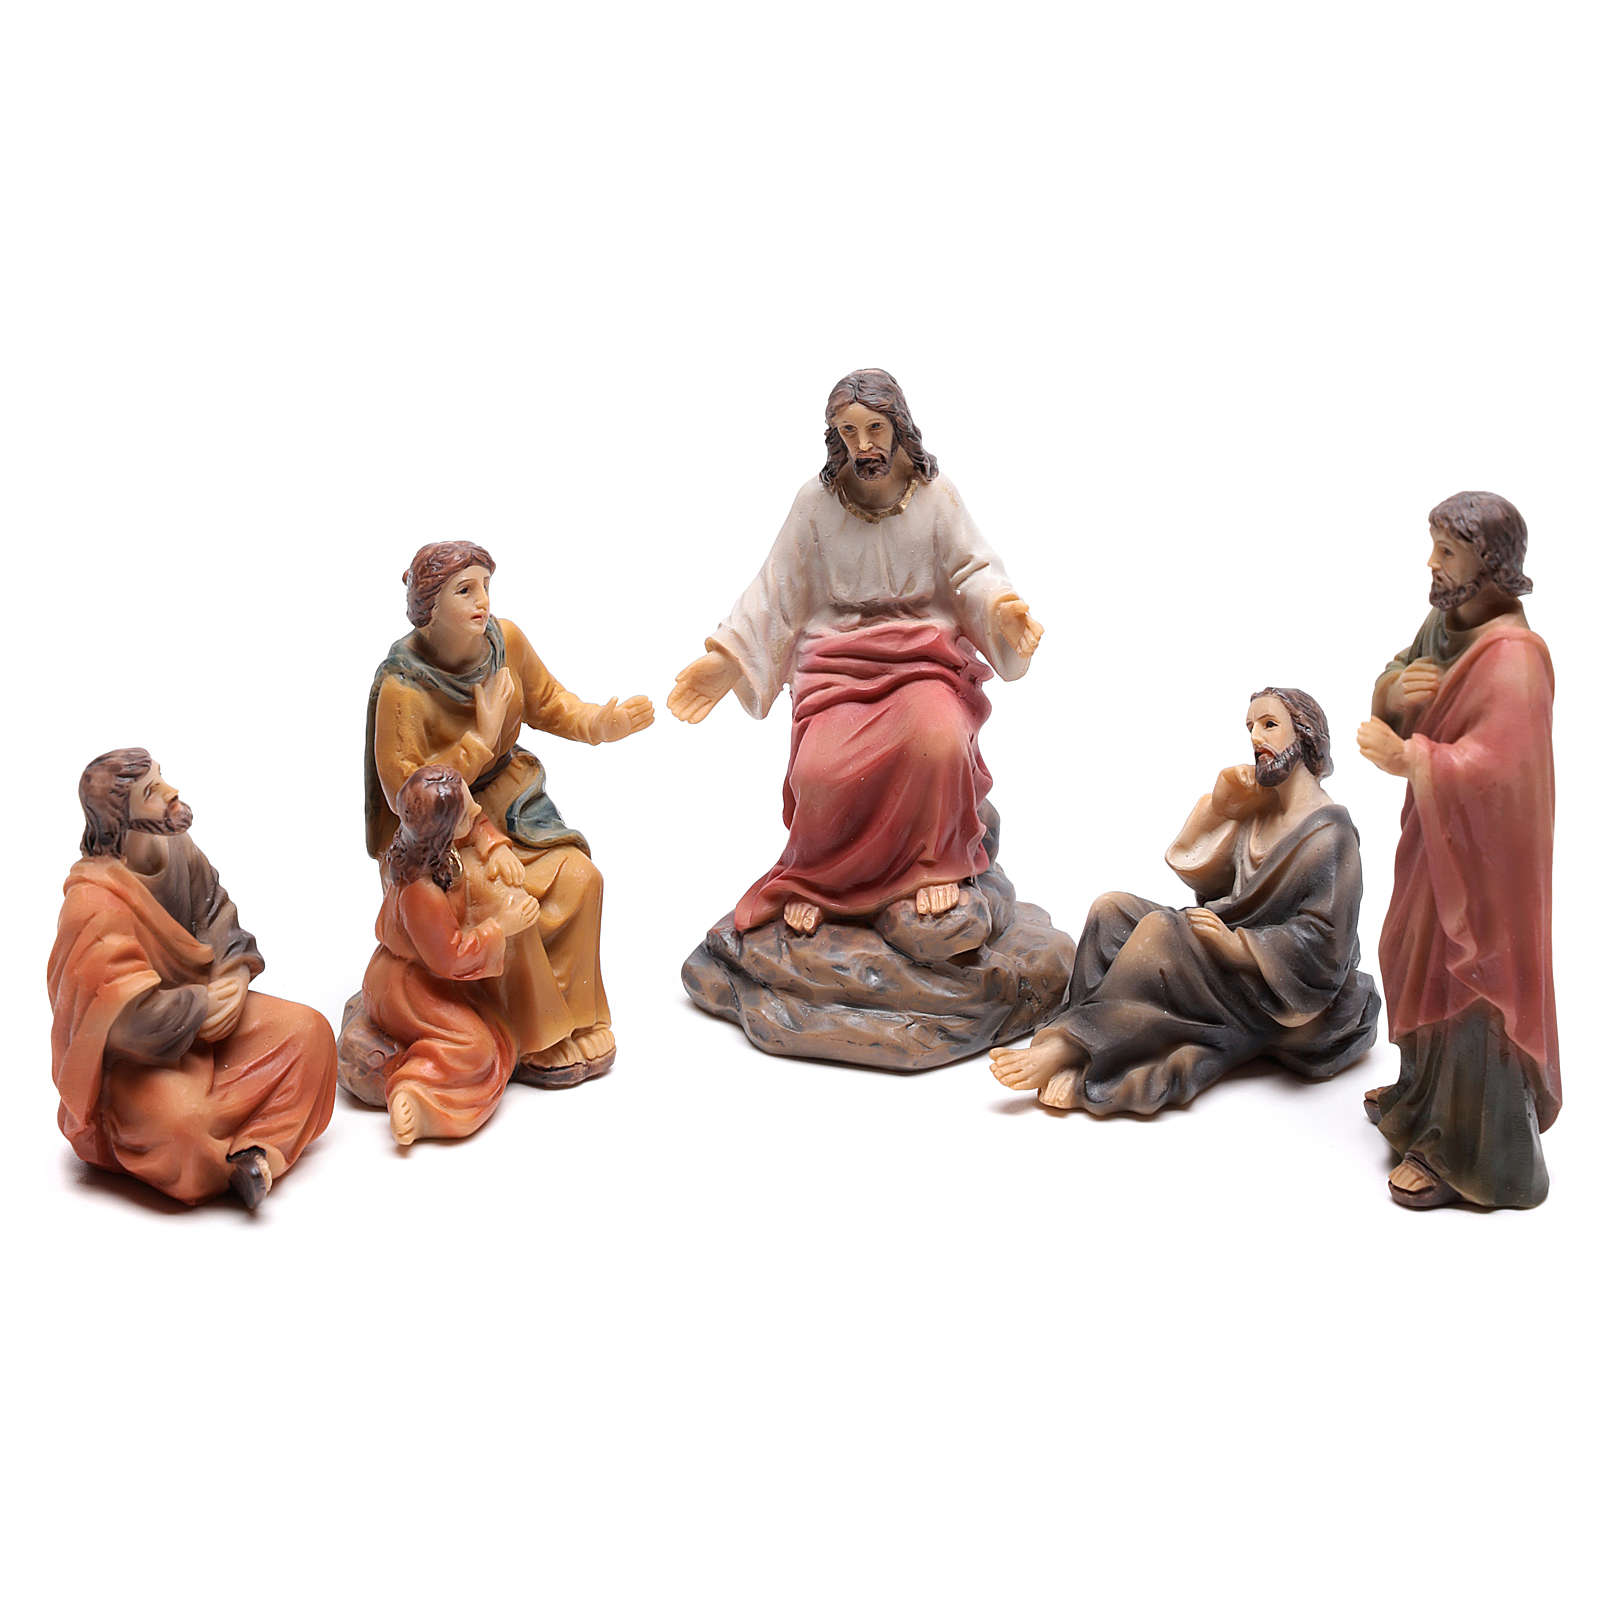 Scena del sermone di Gesù sul monte 9 cm 4